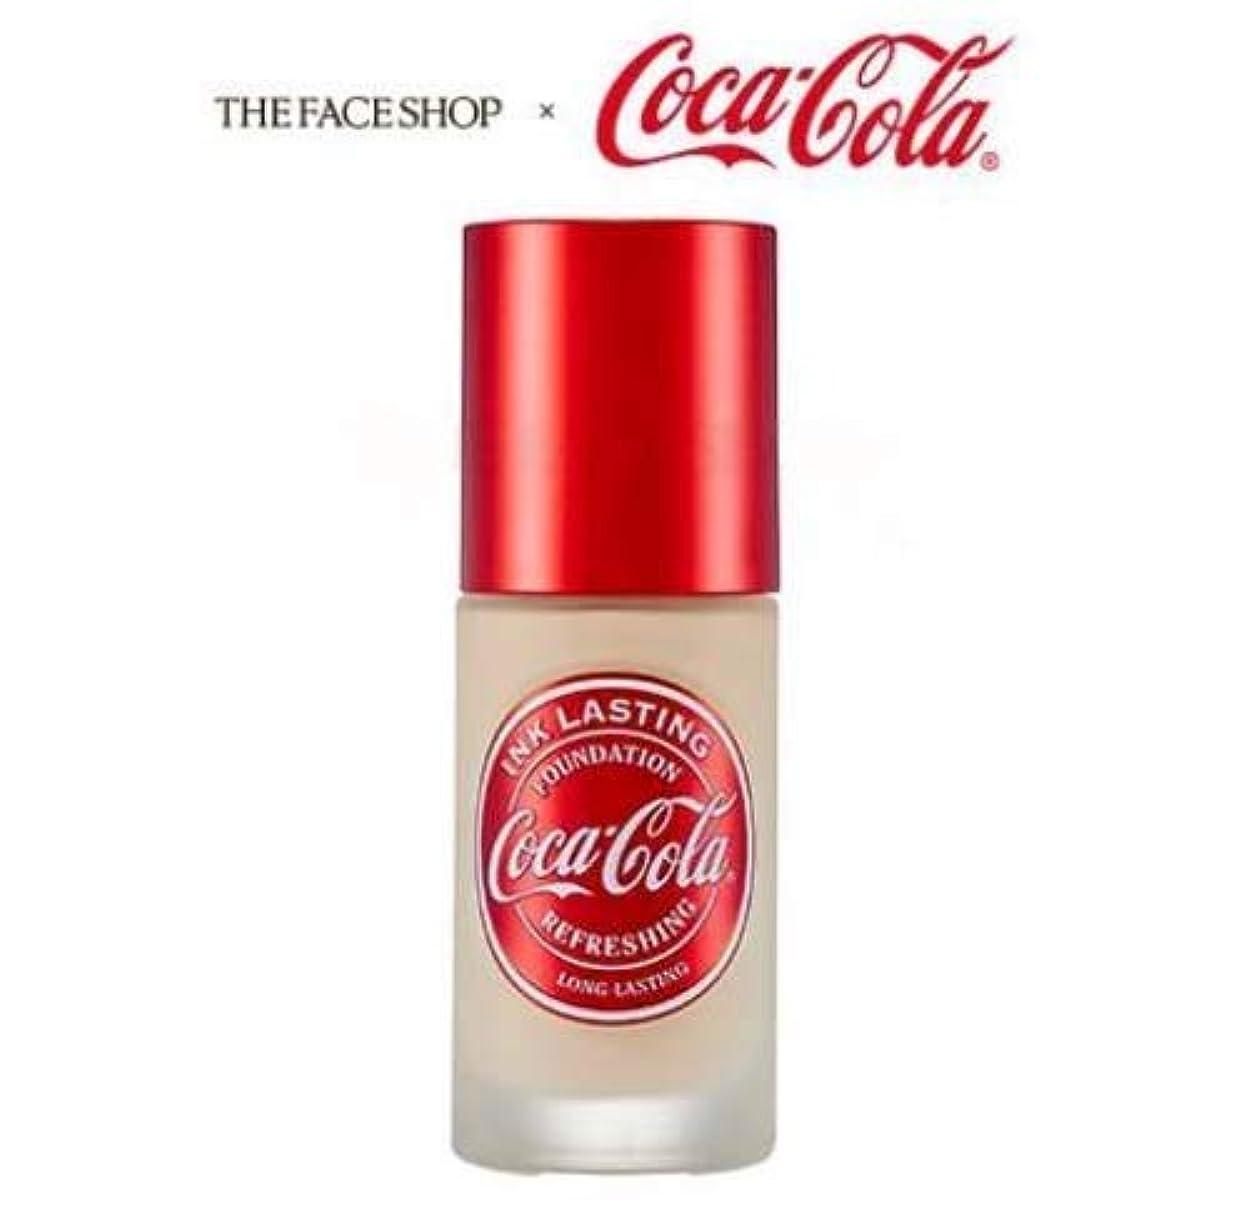 [ザ?フェイスショップ] THE FACE SHOP [コカ?コーラ インクラスティングファンデーション - スリムフィット 30ml] (Coca Cola Ink Lasting Foundation - Slim...